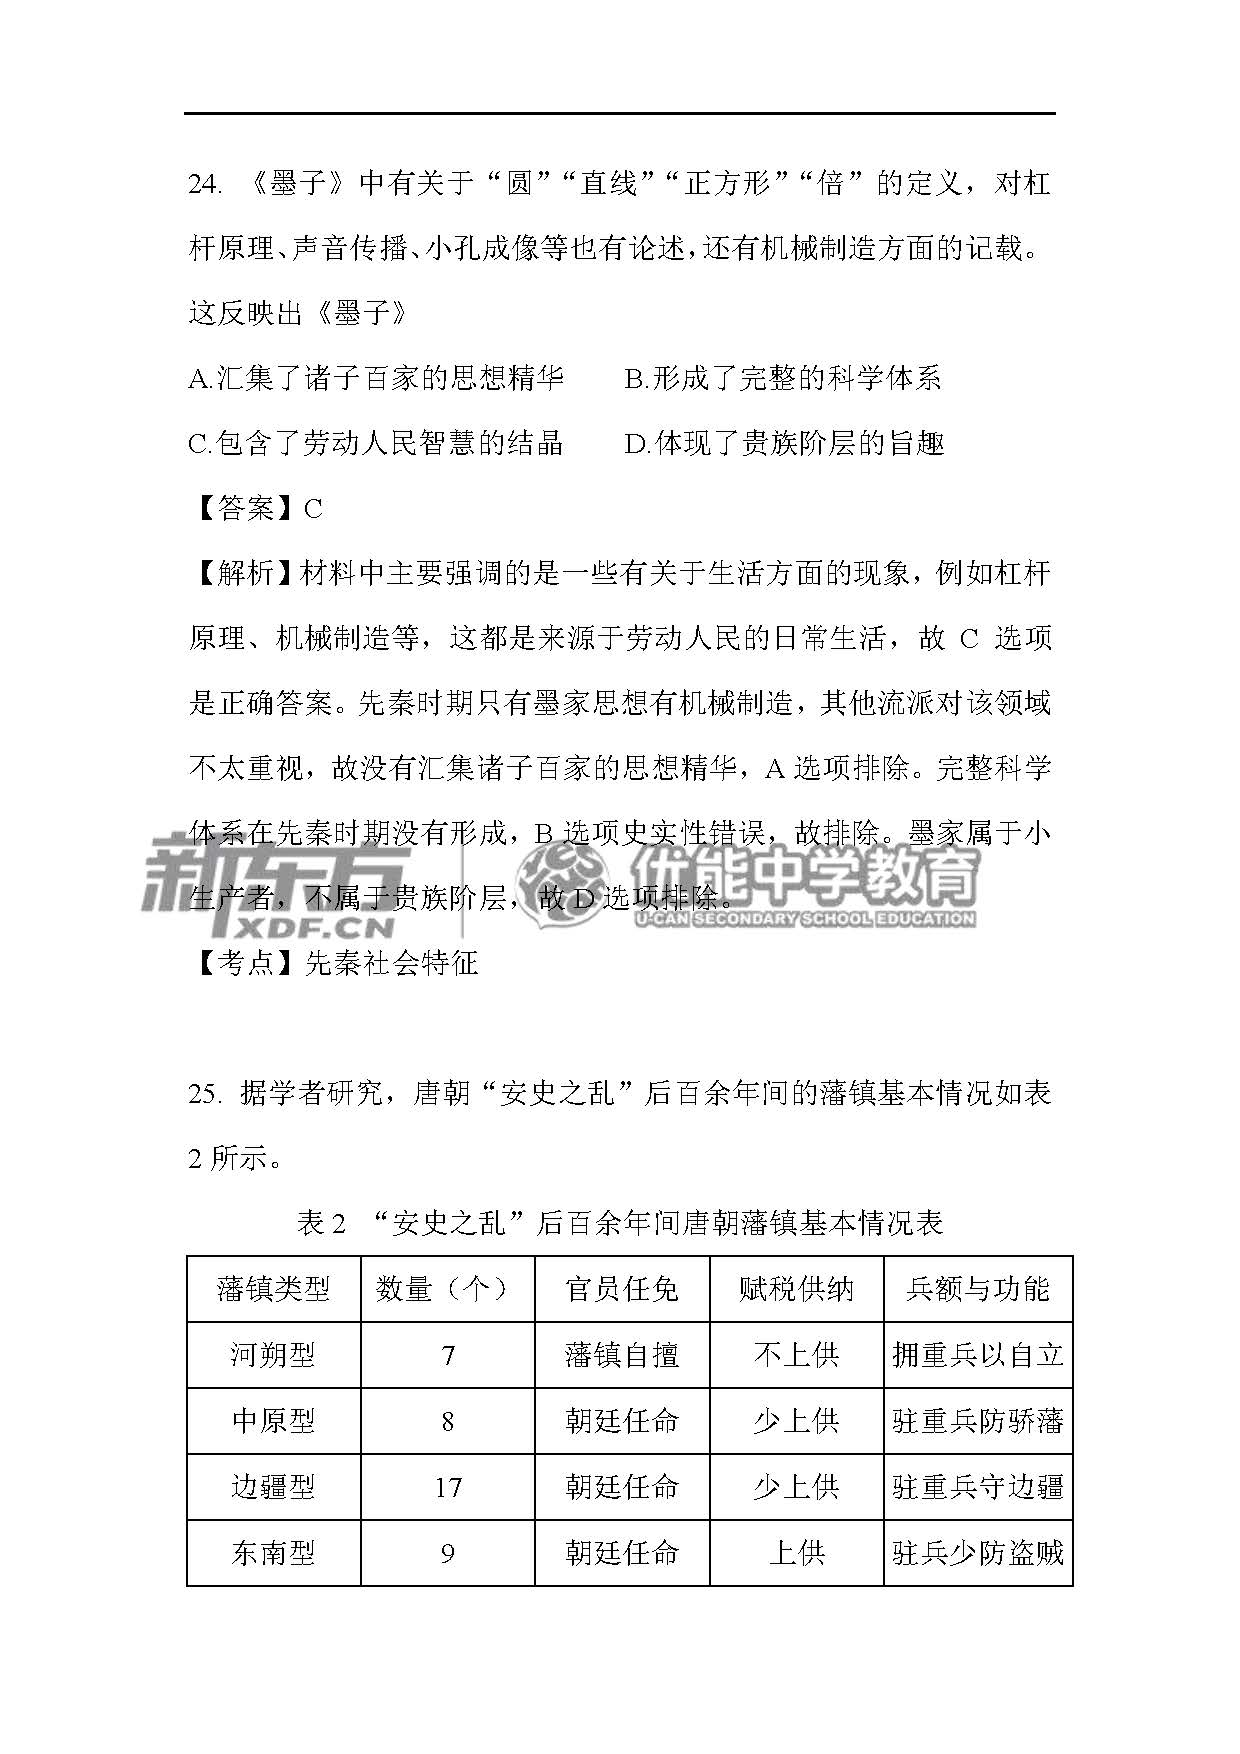 2018全国卷1高考历史答案解析(长沙新东方)